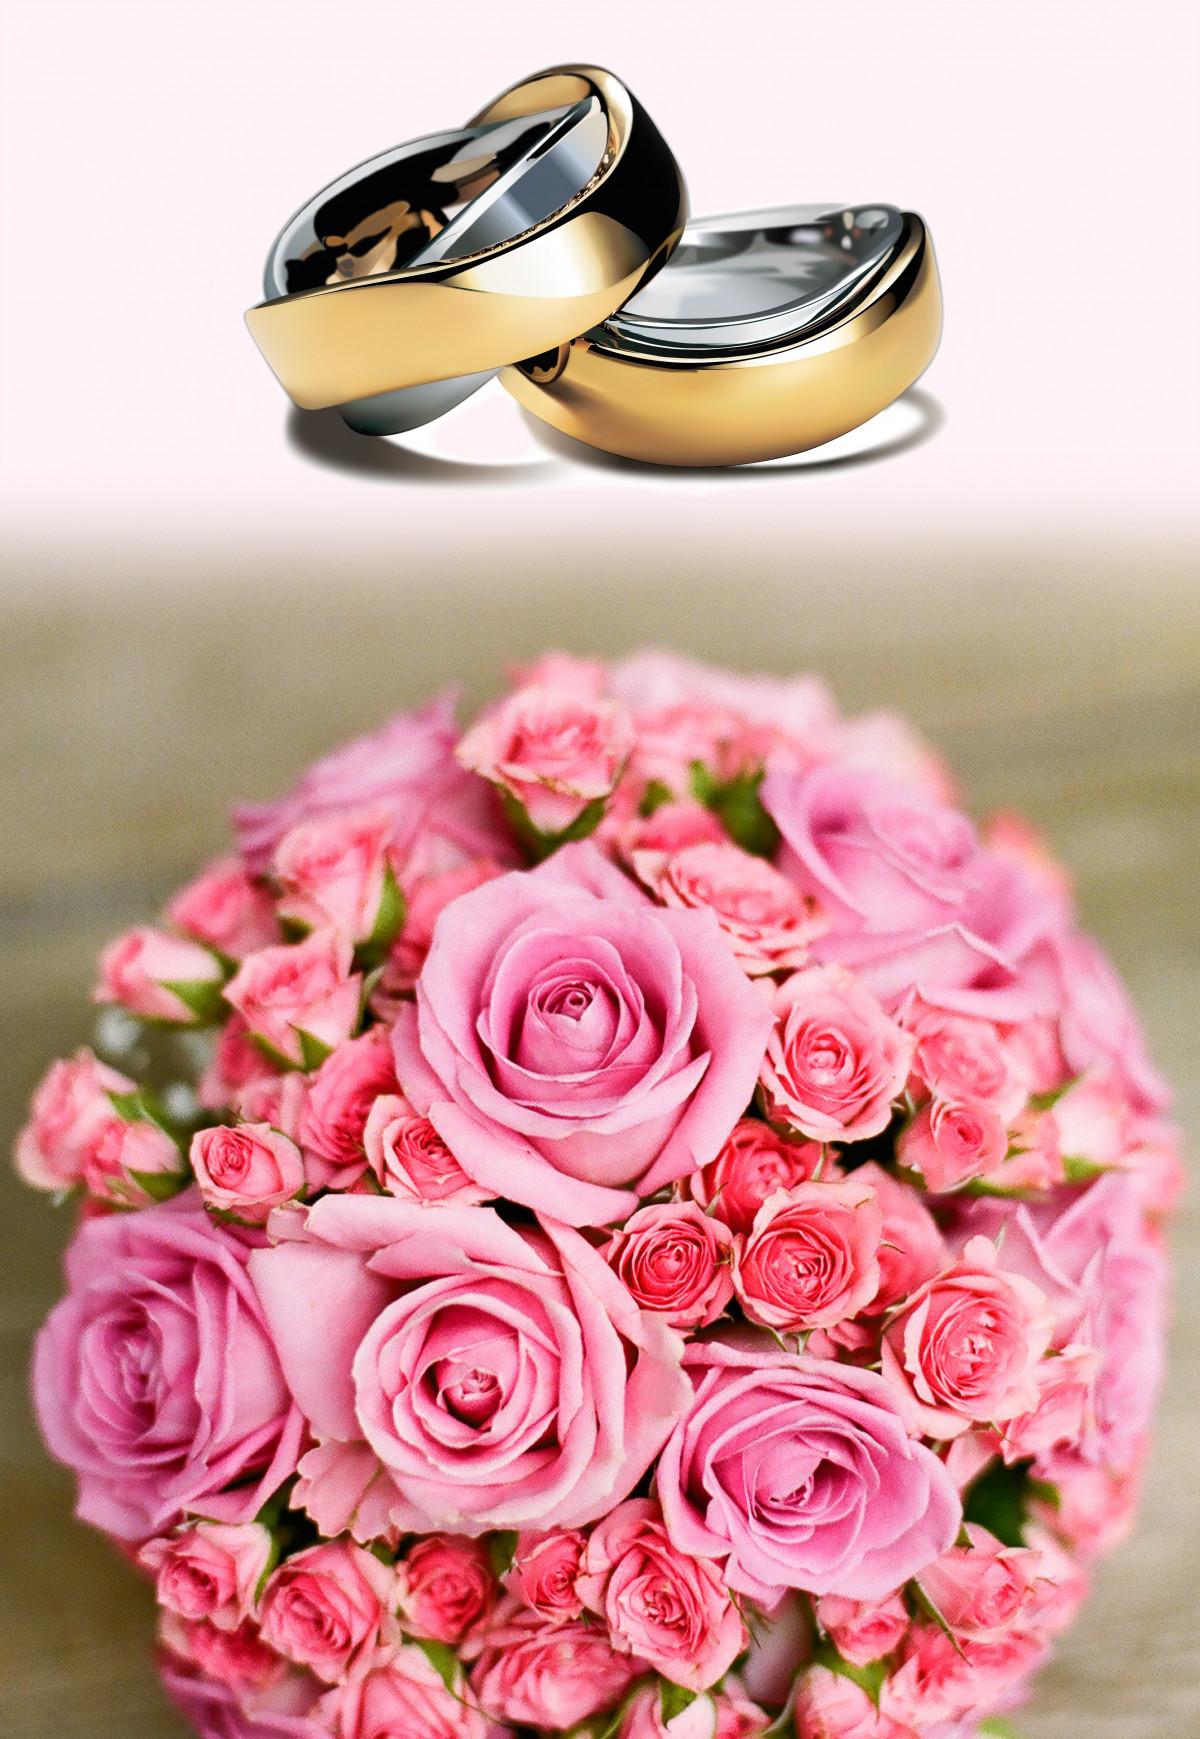 настройках программы картинки с годовщиной свадьбы цветы когда душе